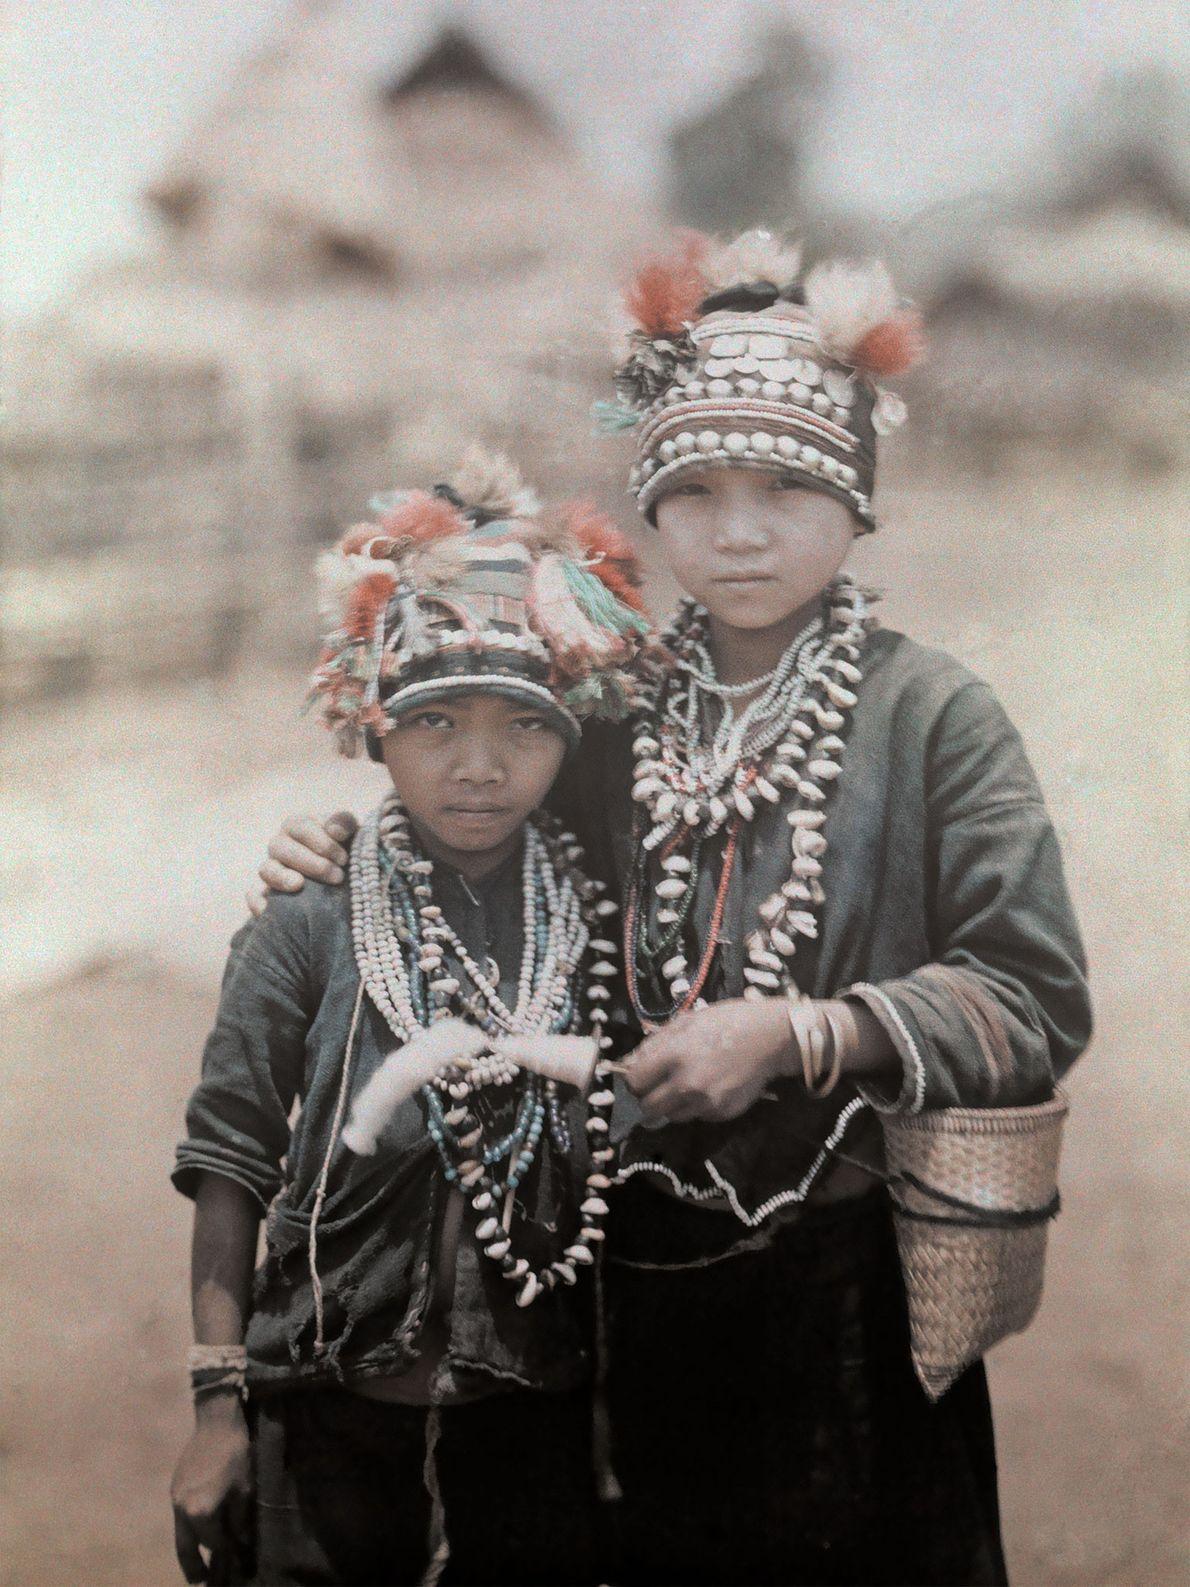 Zwei Jungen der Shan in Myanmar tragen Hüte, die mit Quasten und Stoffbüscheln verziert sind.